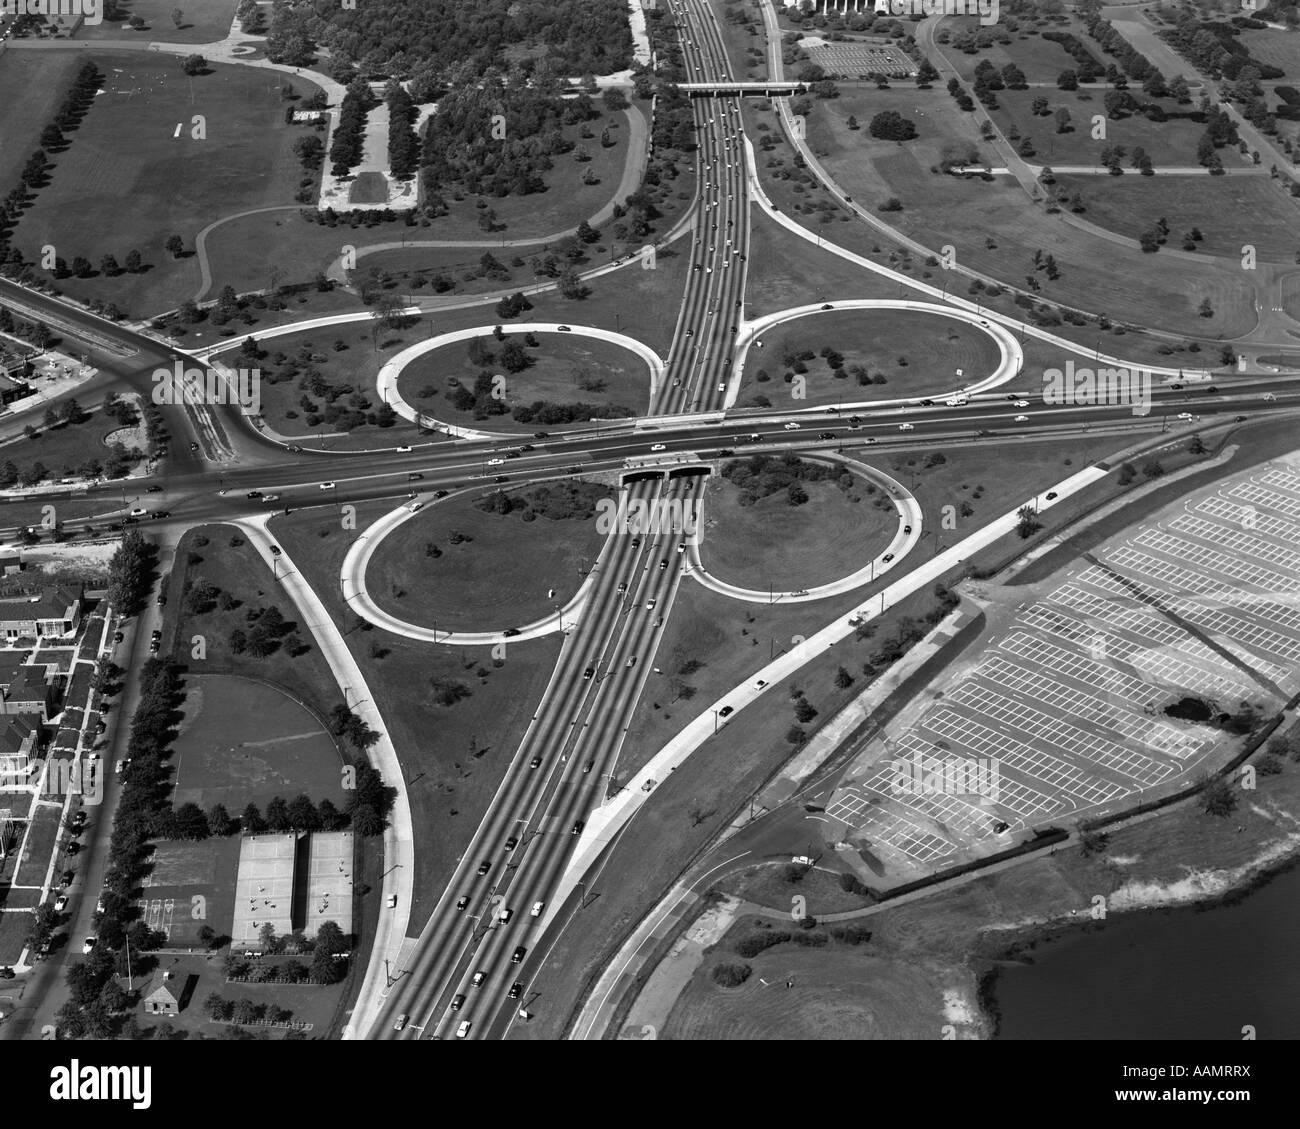 Années 1950 Années 1960 CLOVERLEAF INTERSECTION AUTOROUTE AÉRIENNE GRAND CENTRAL PARKWAY au Parc Photo Stock